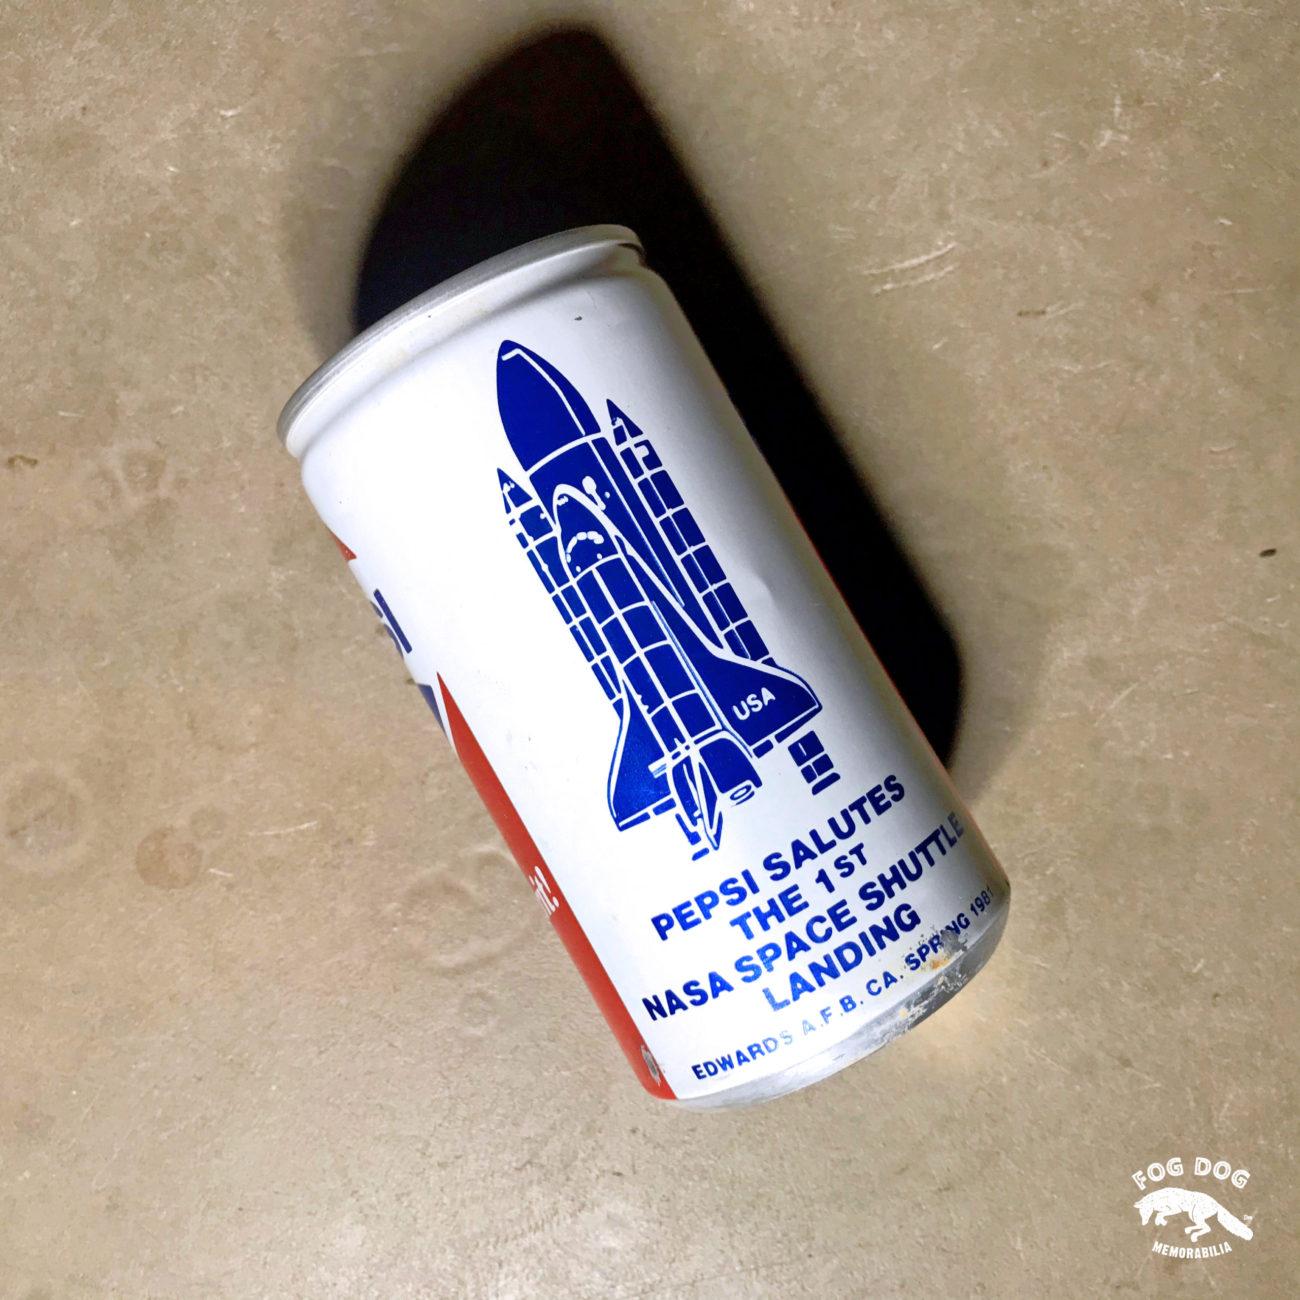 Plechovka PEPSI z roku 1981 (první přistání raketoplánu zpět na Zemi)